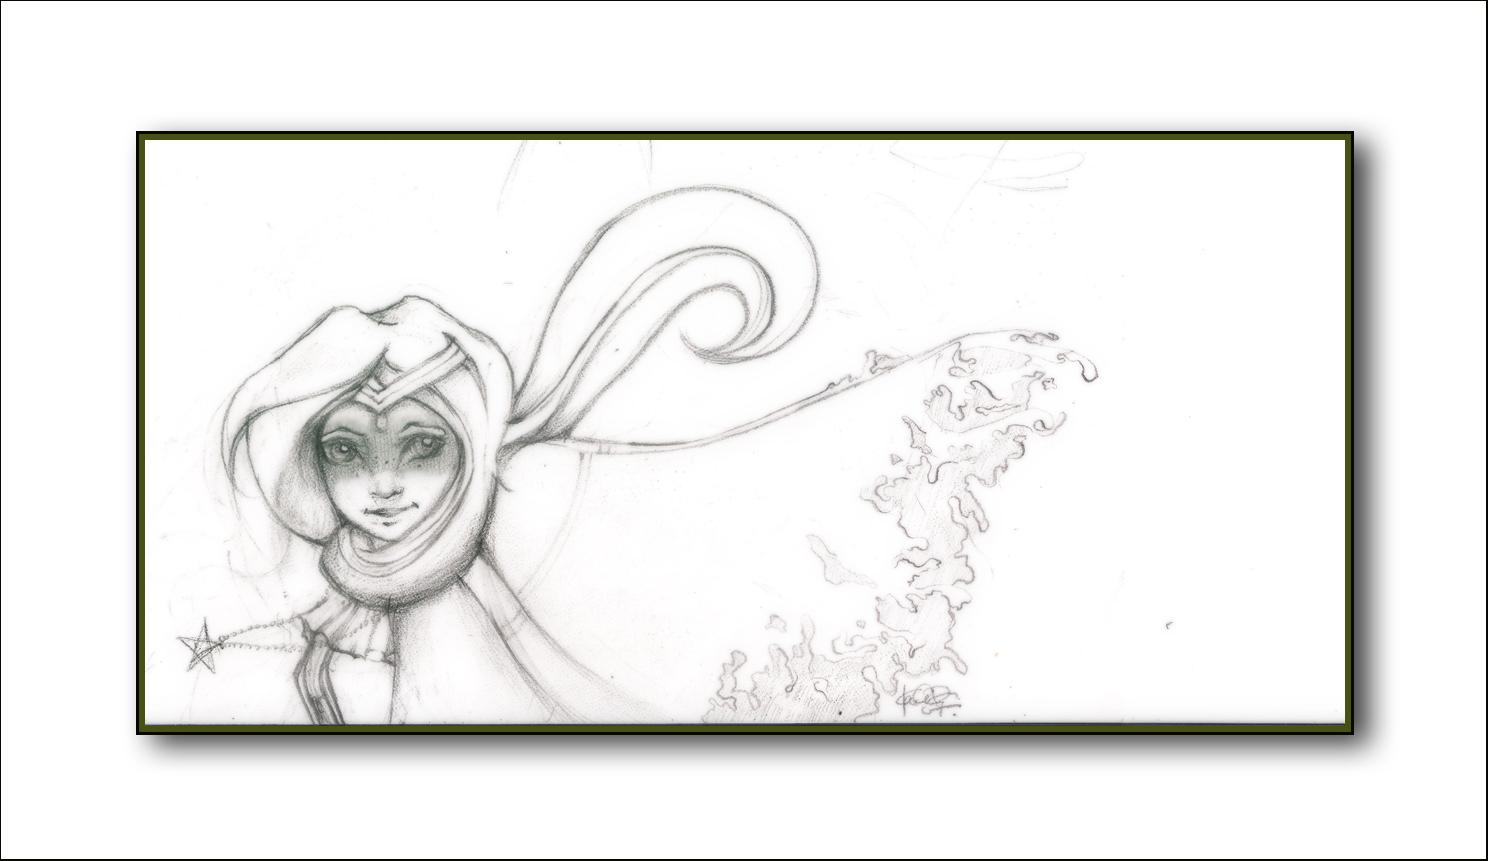 [ Princess Free // pencil sketch // 2007 ]